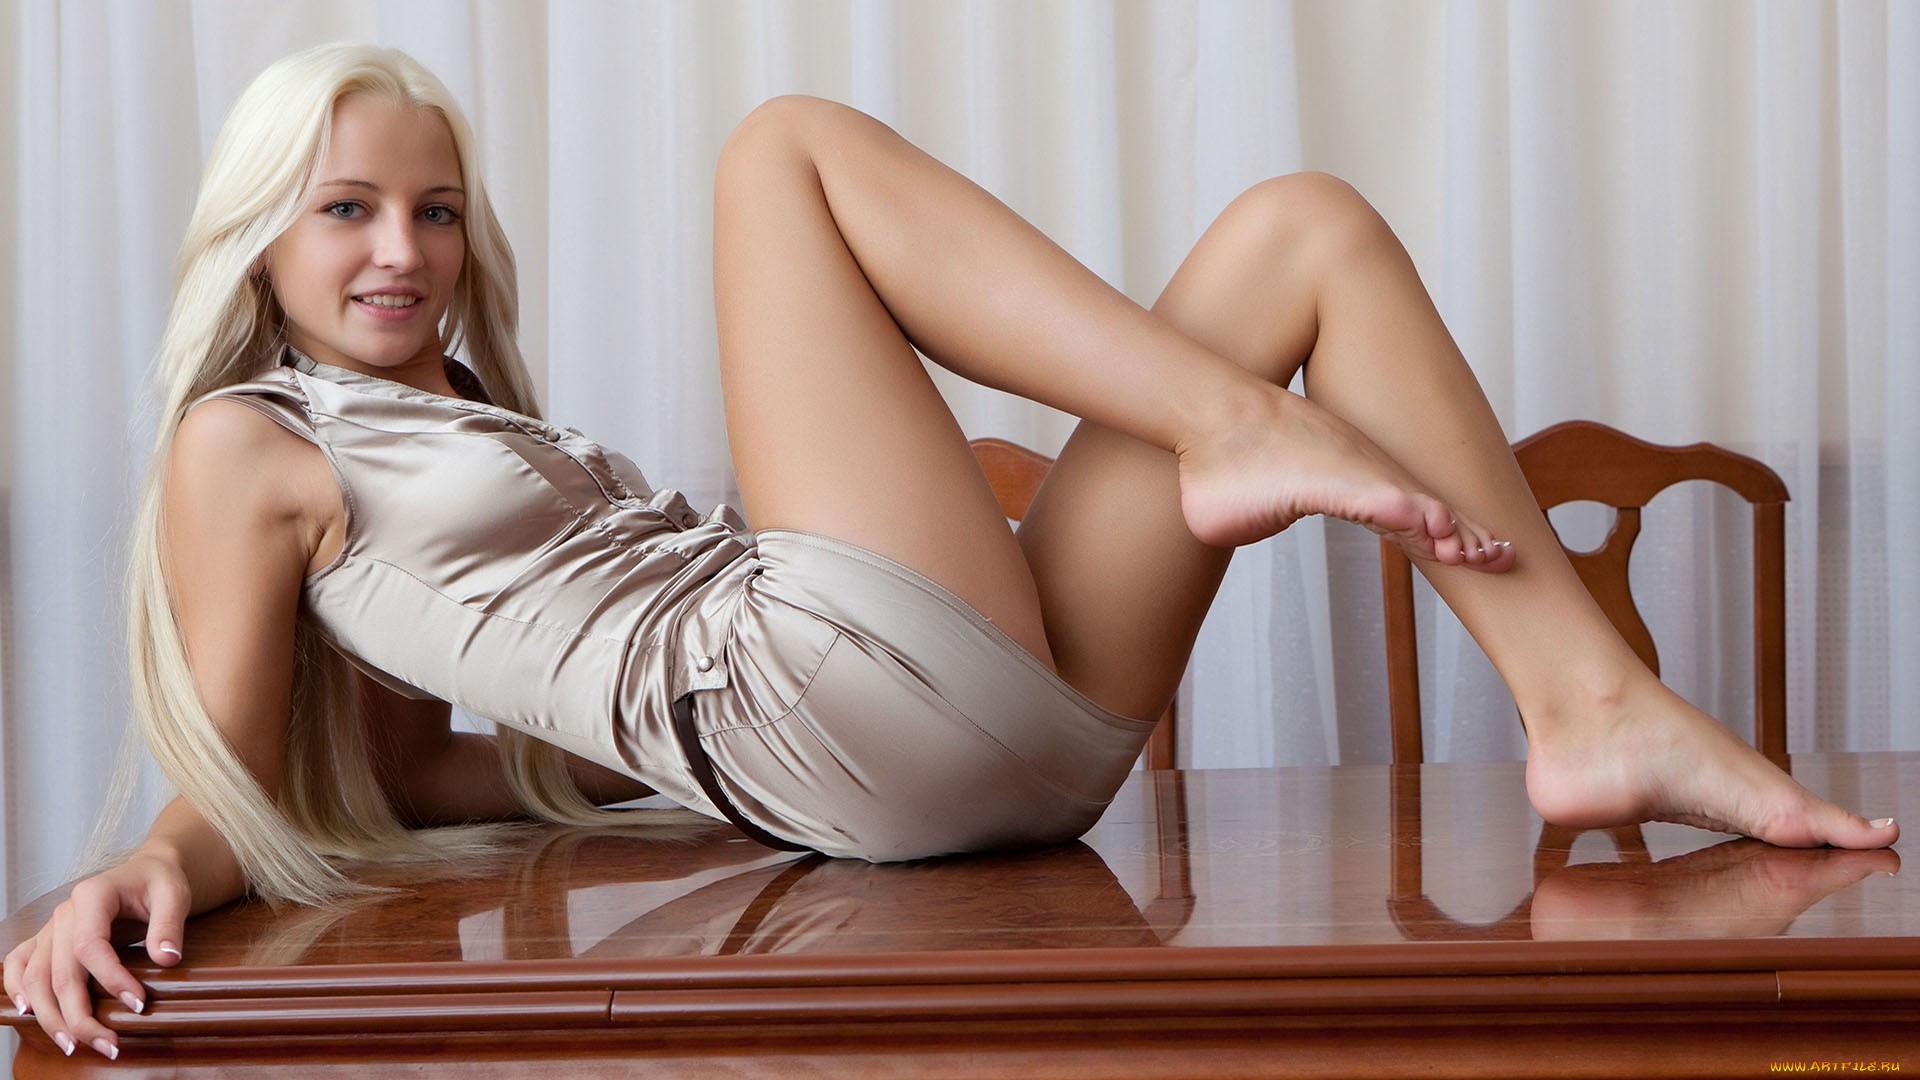 Фото голых девушек с широко разведёнными ногами так